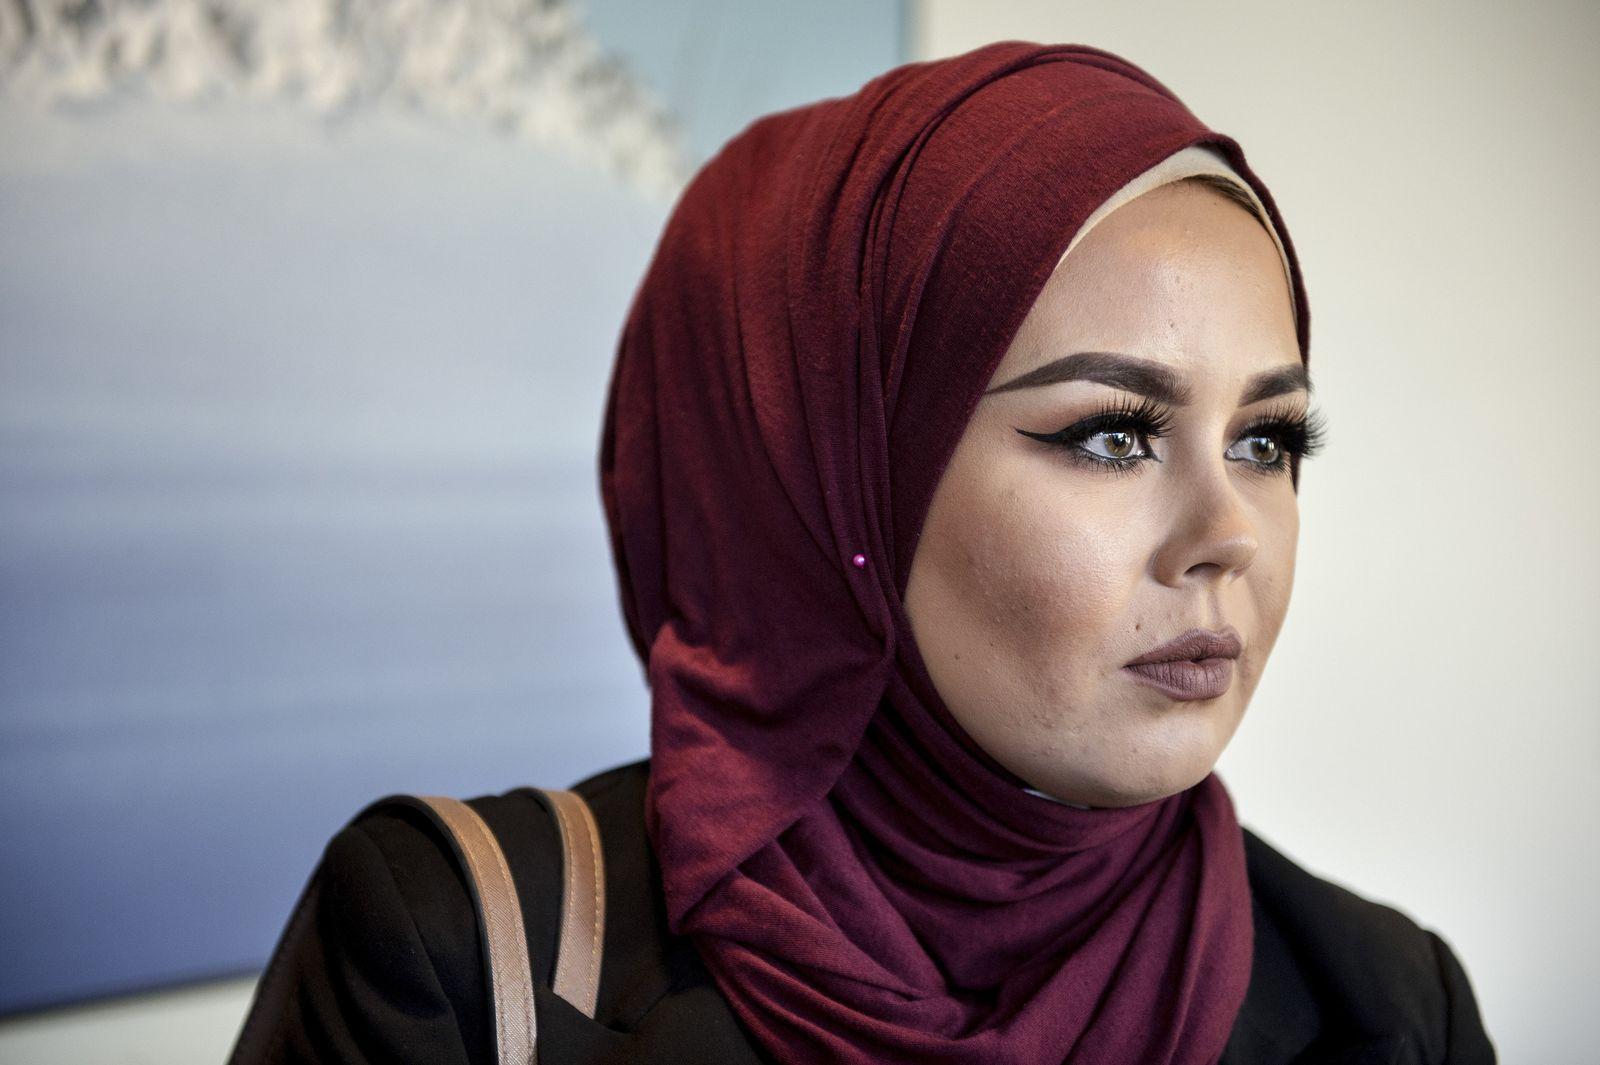 Norway Hijab Verdict